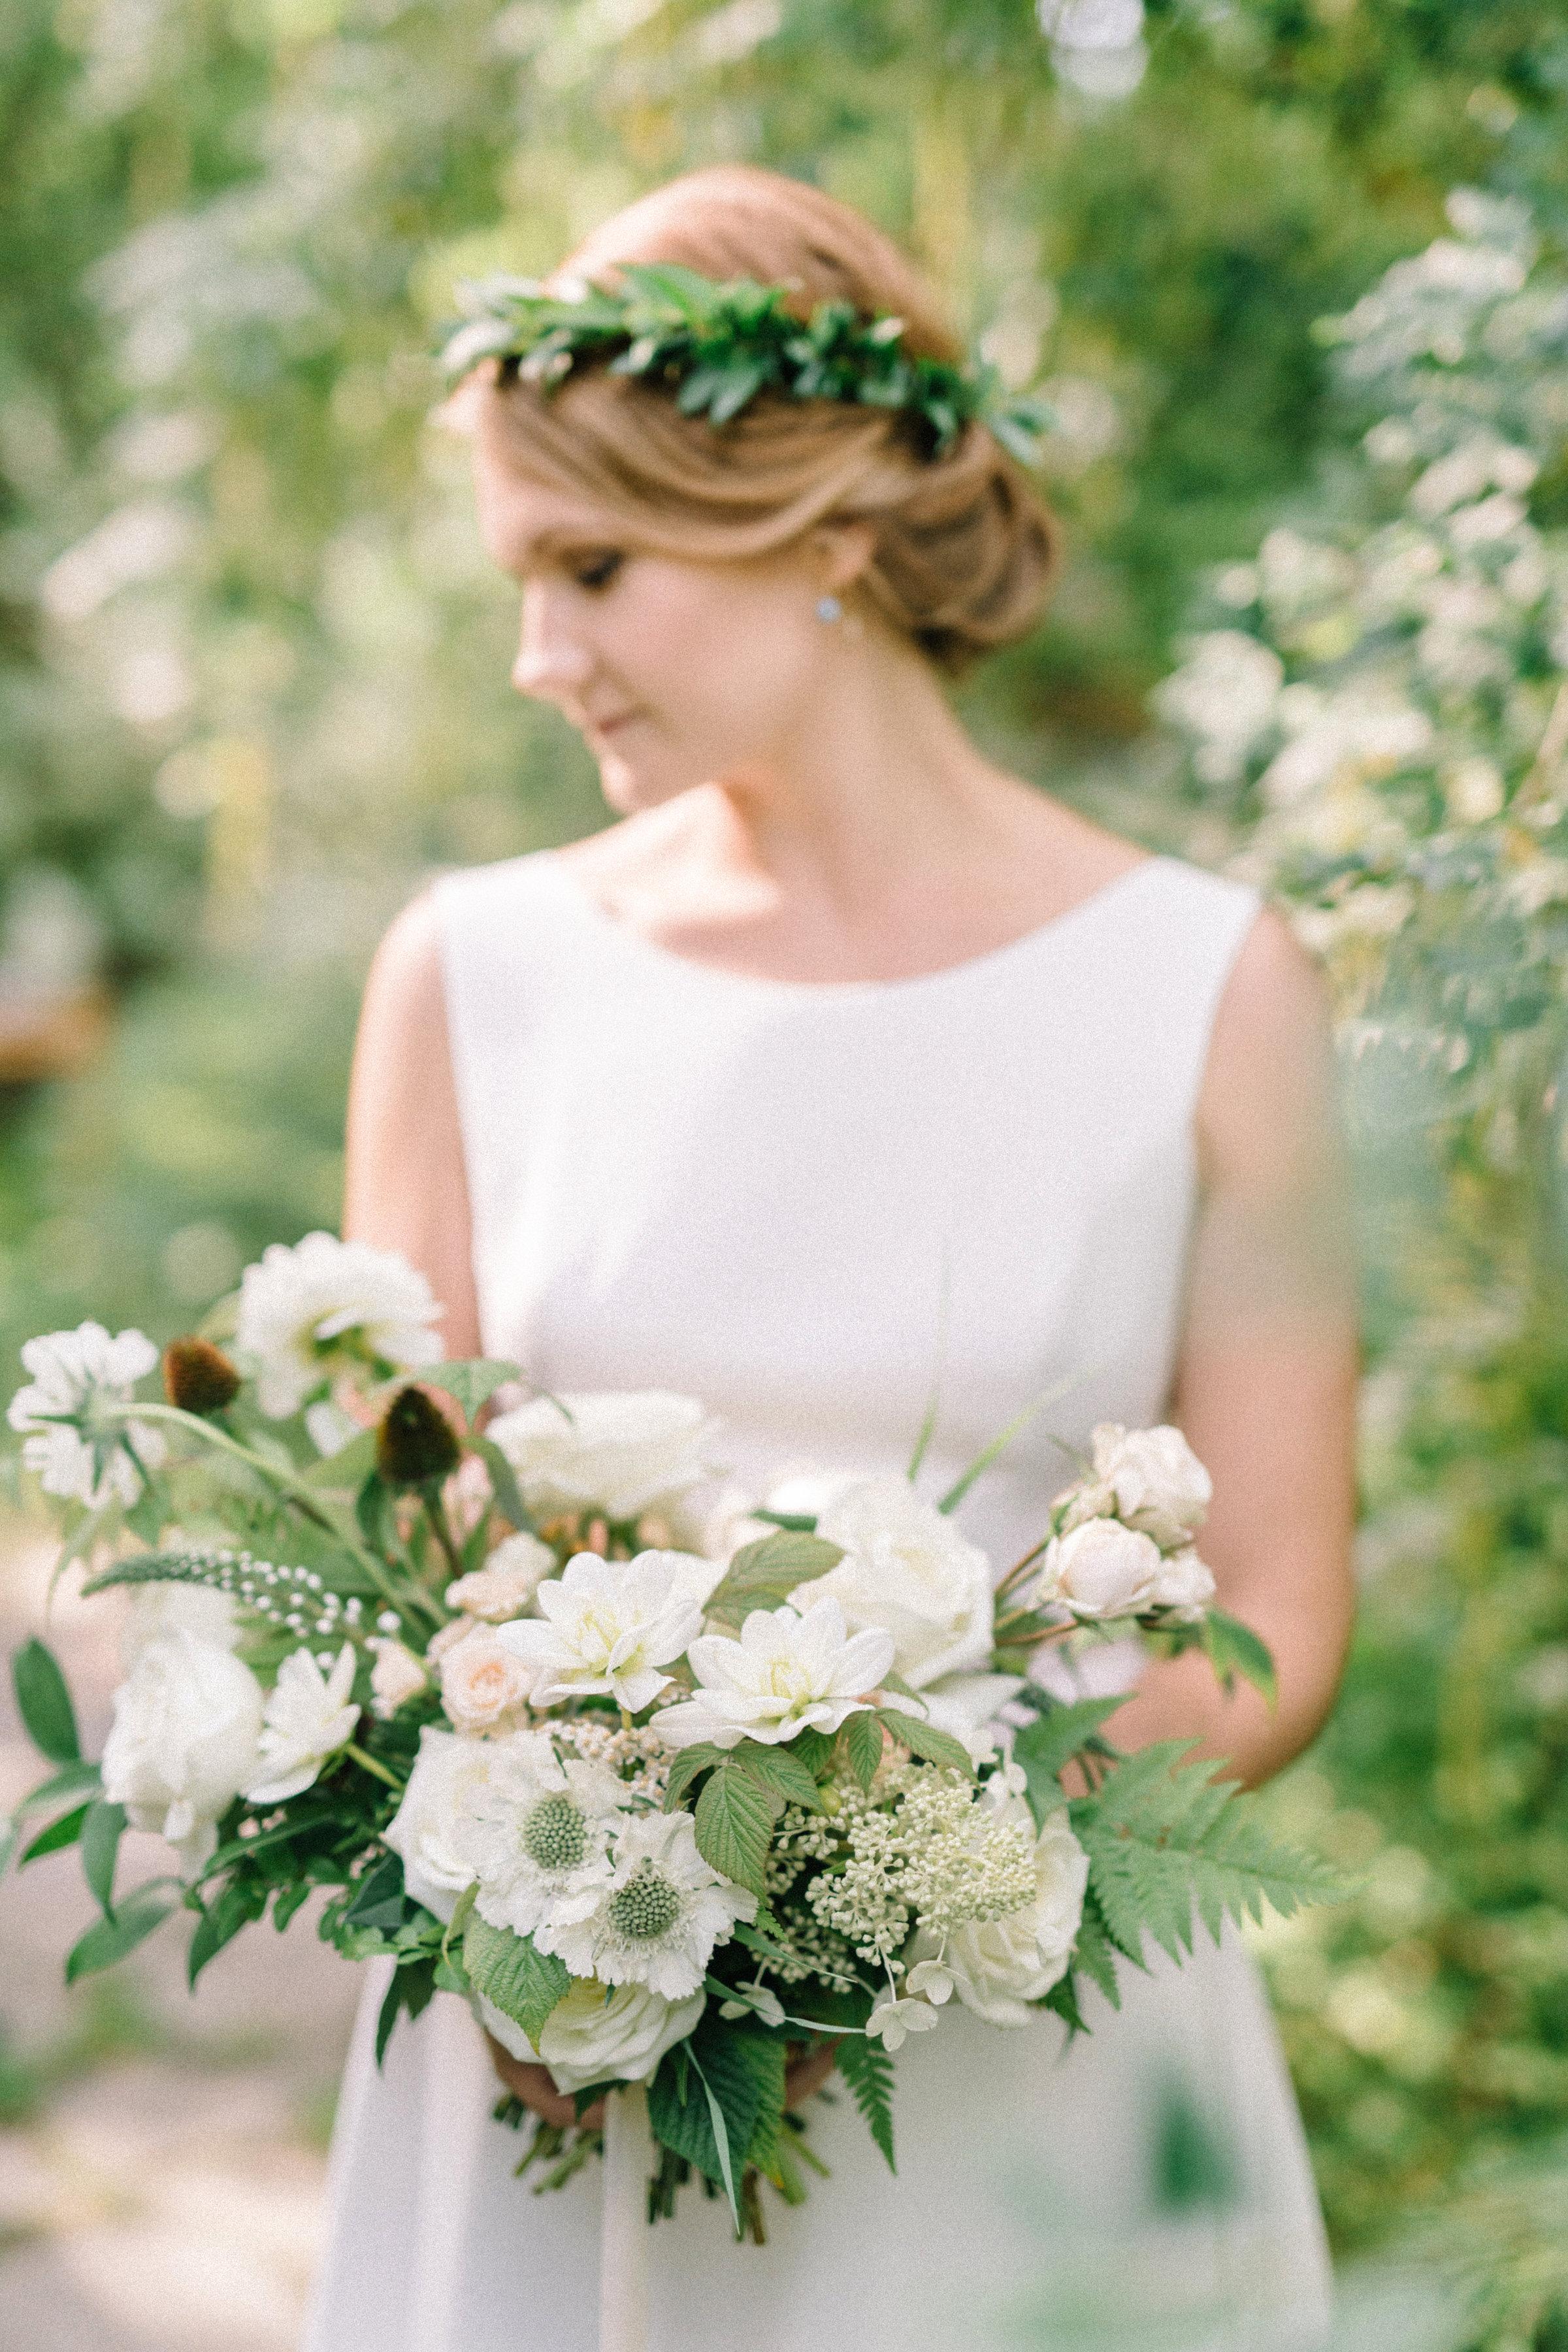 A Finland garden wedding